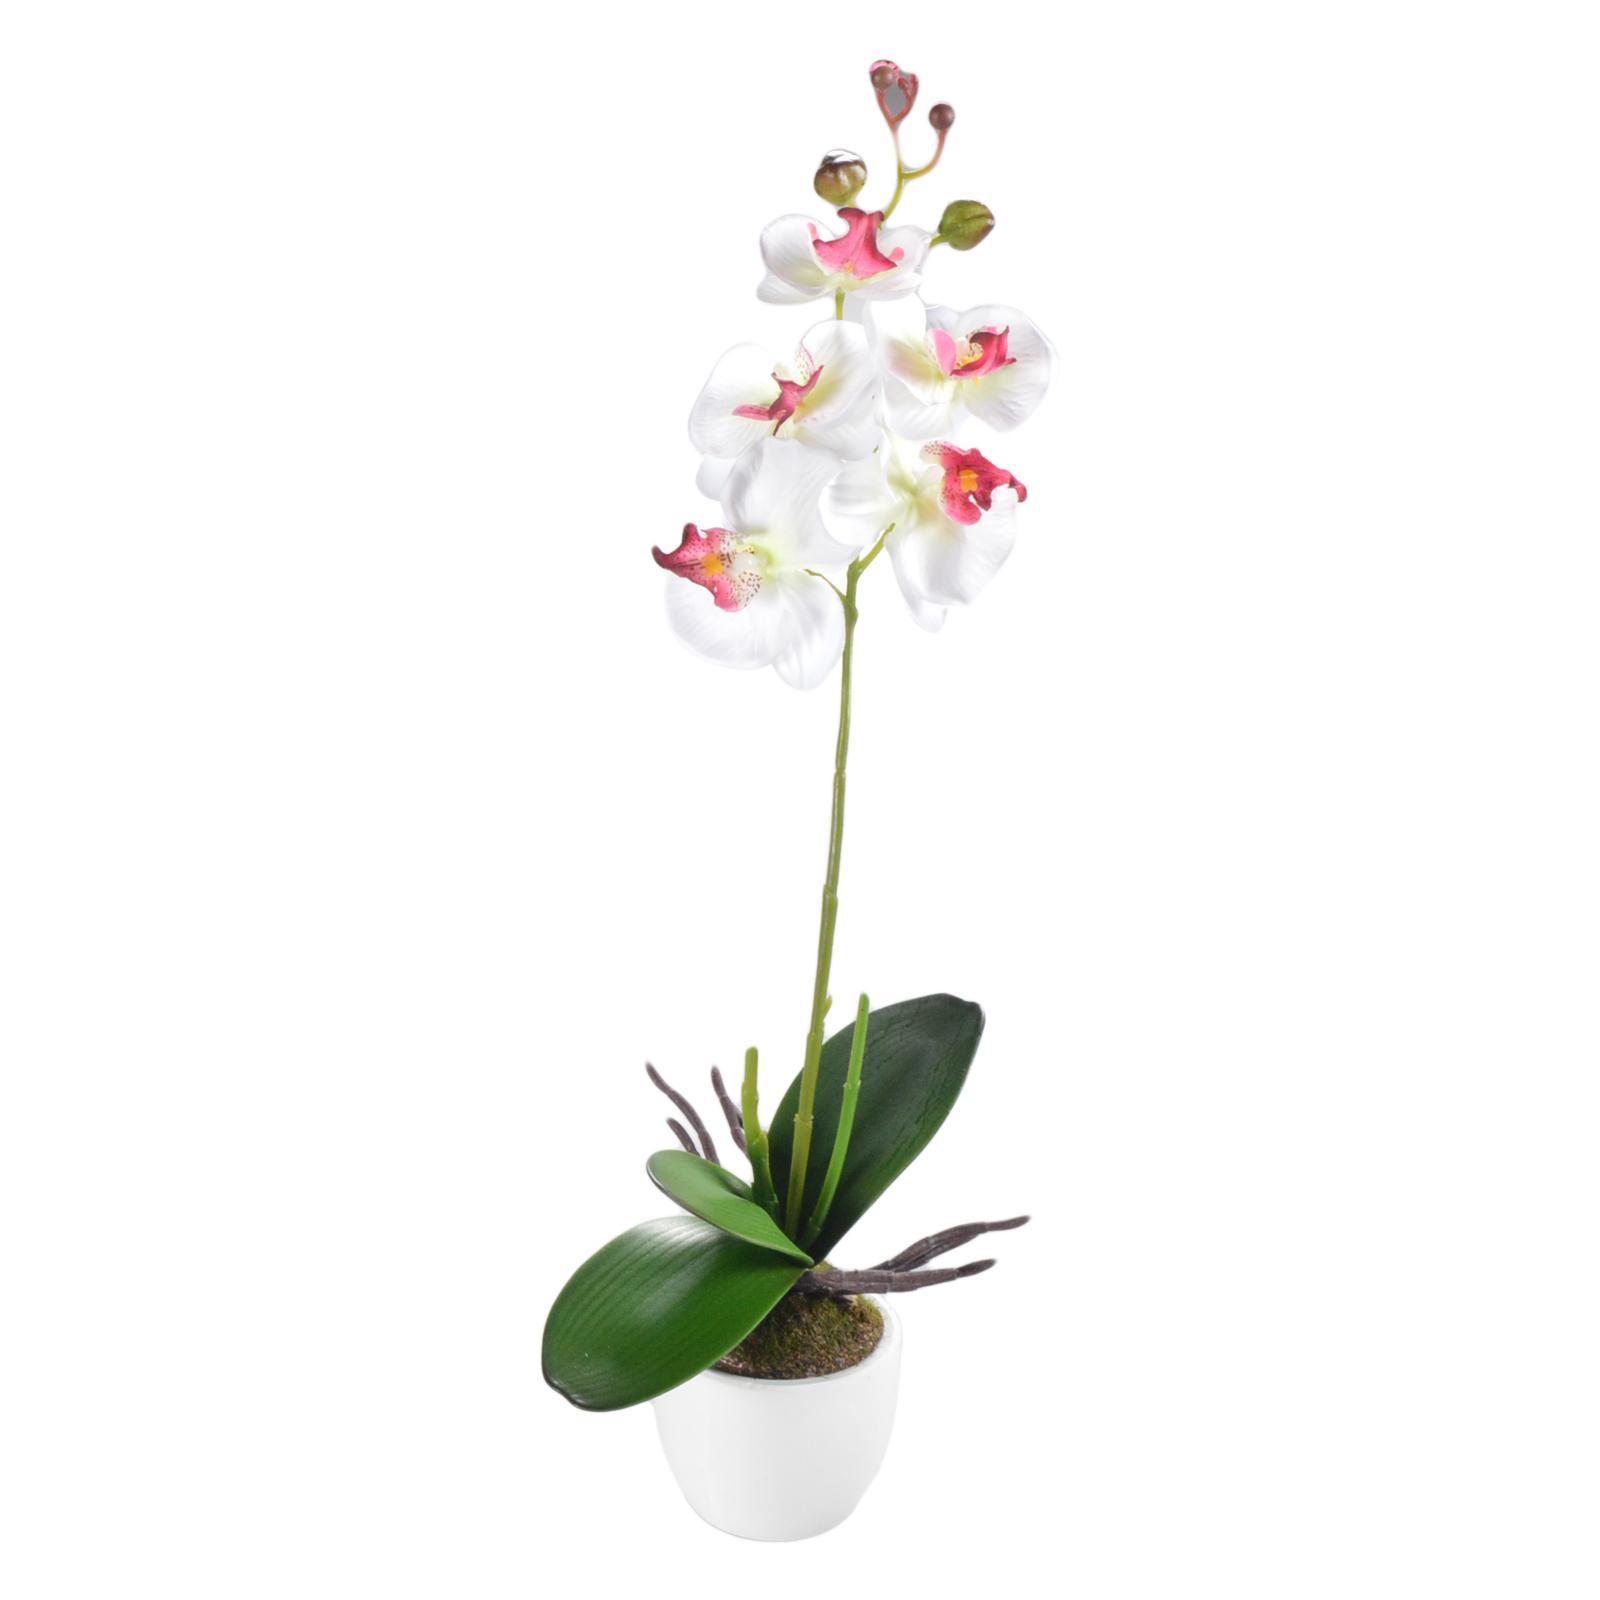 50 cm orchidee k nstlich orchidee im topf k nstliche. Black Bedroom Furniture Sets. Home Design Ideas